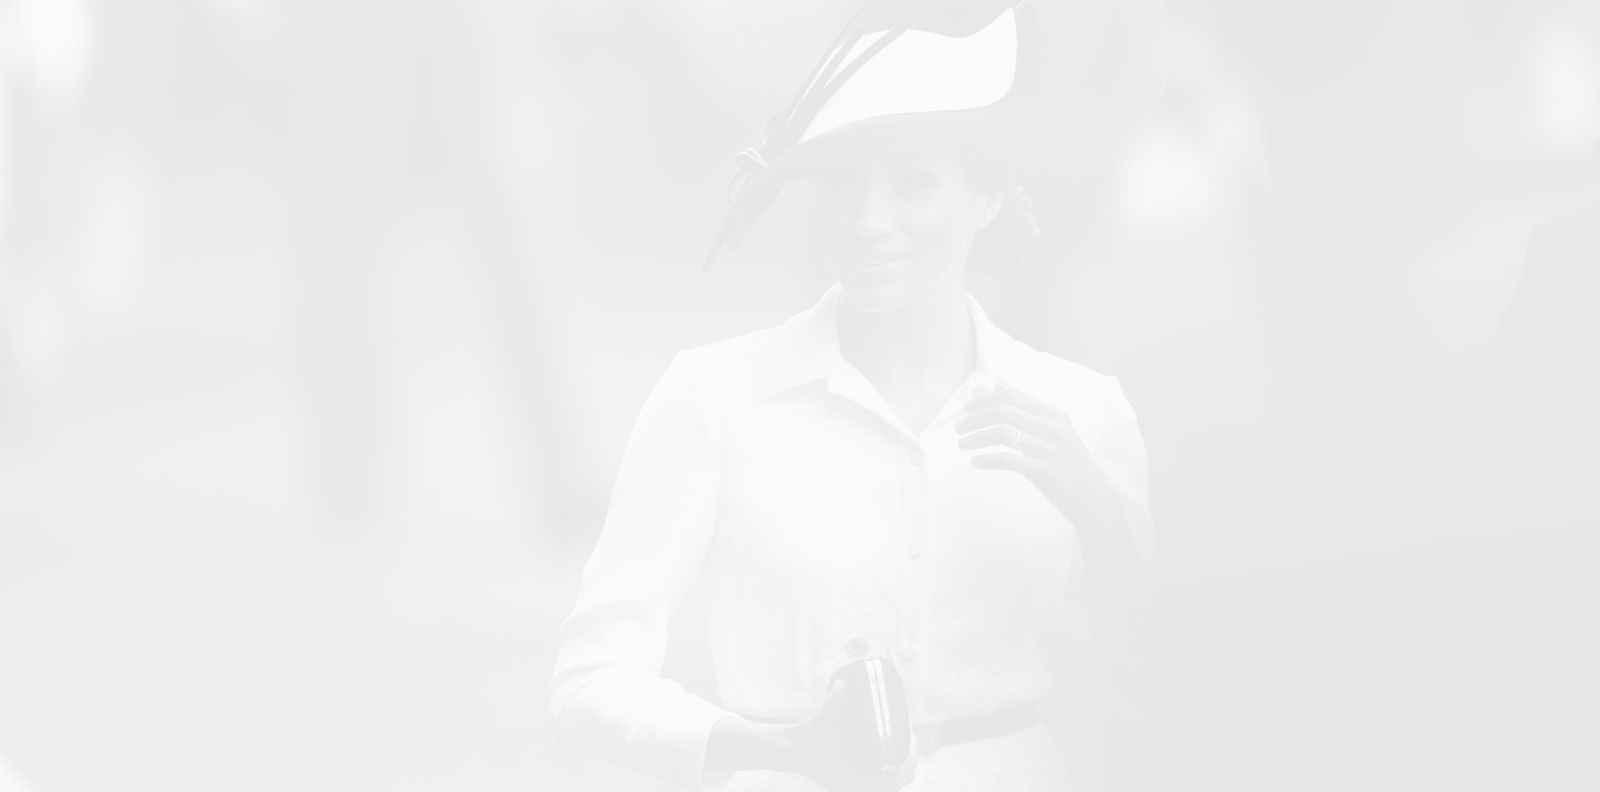 Меган Маркъл, хейтърите и актът за раждане на принц Арчи